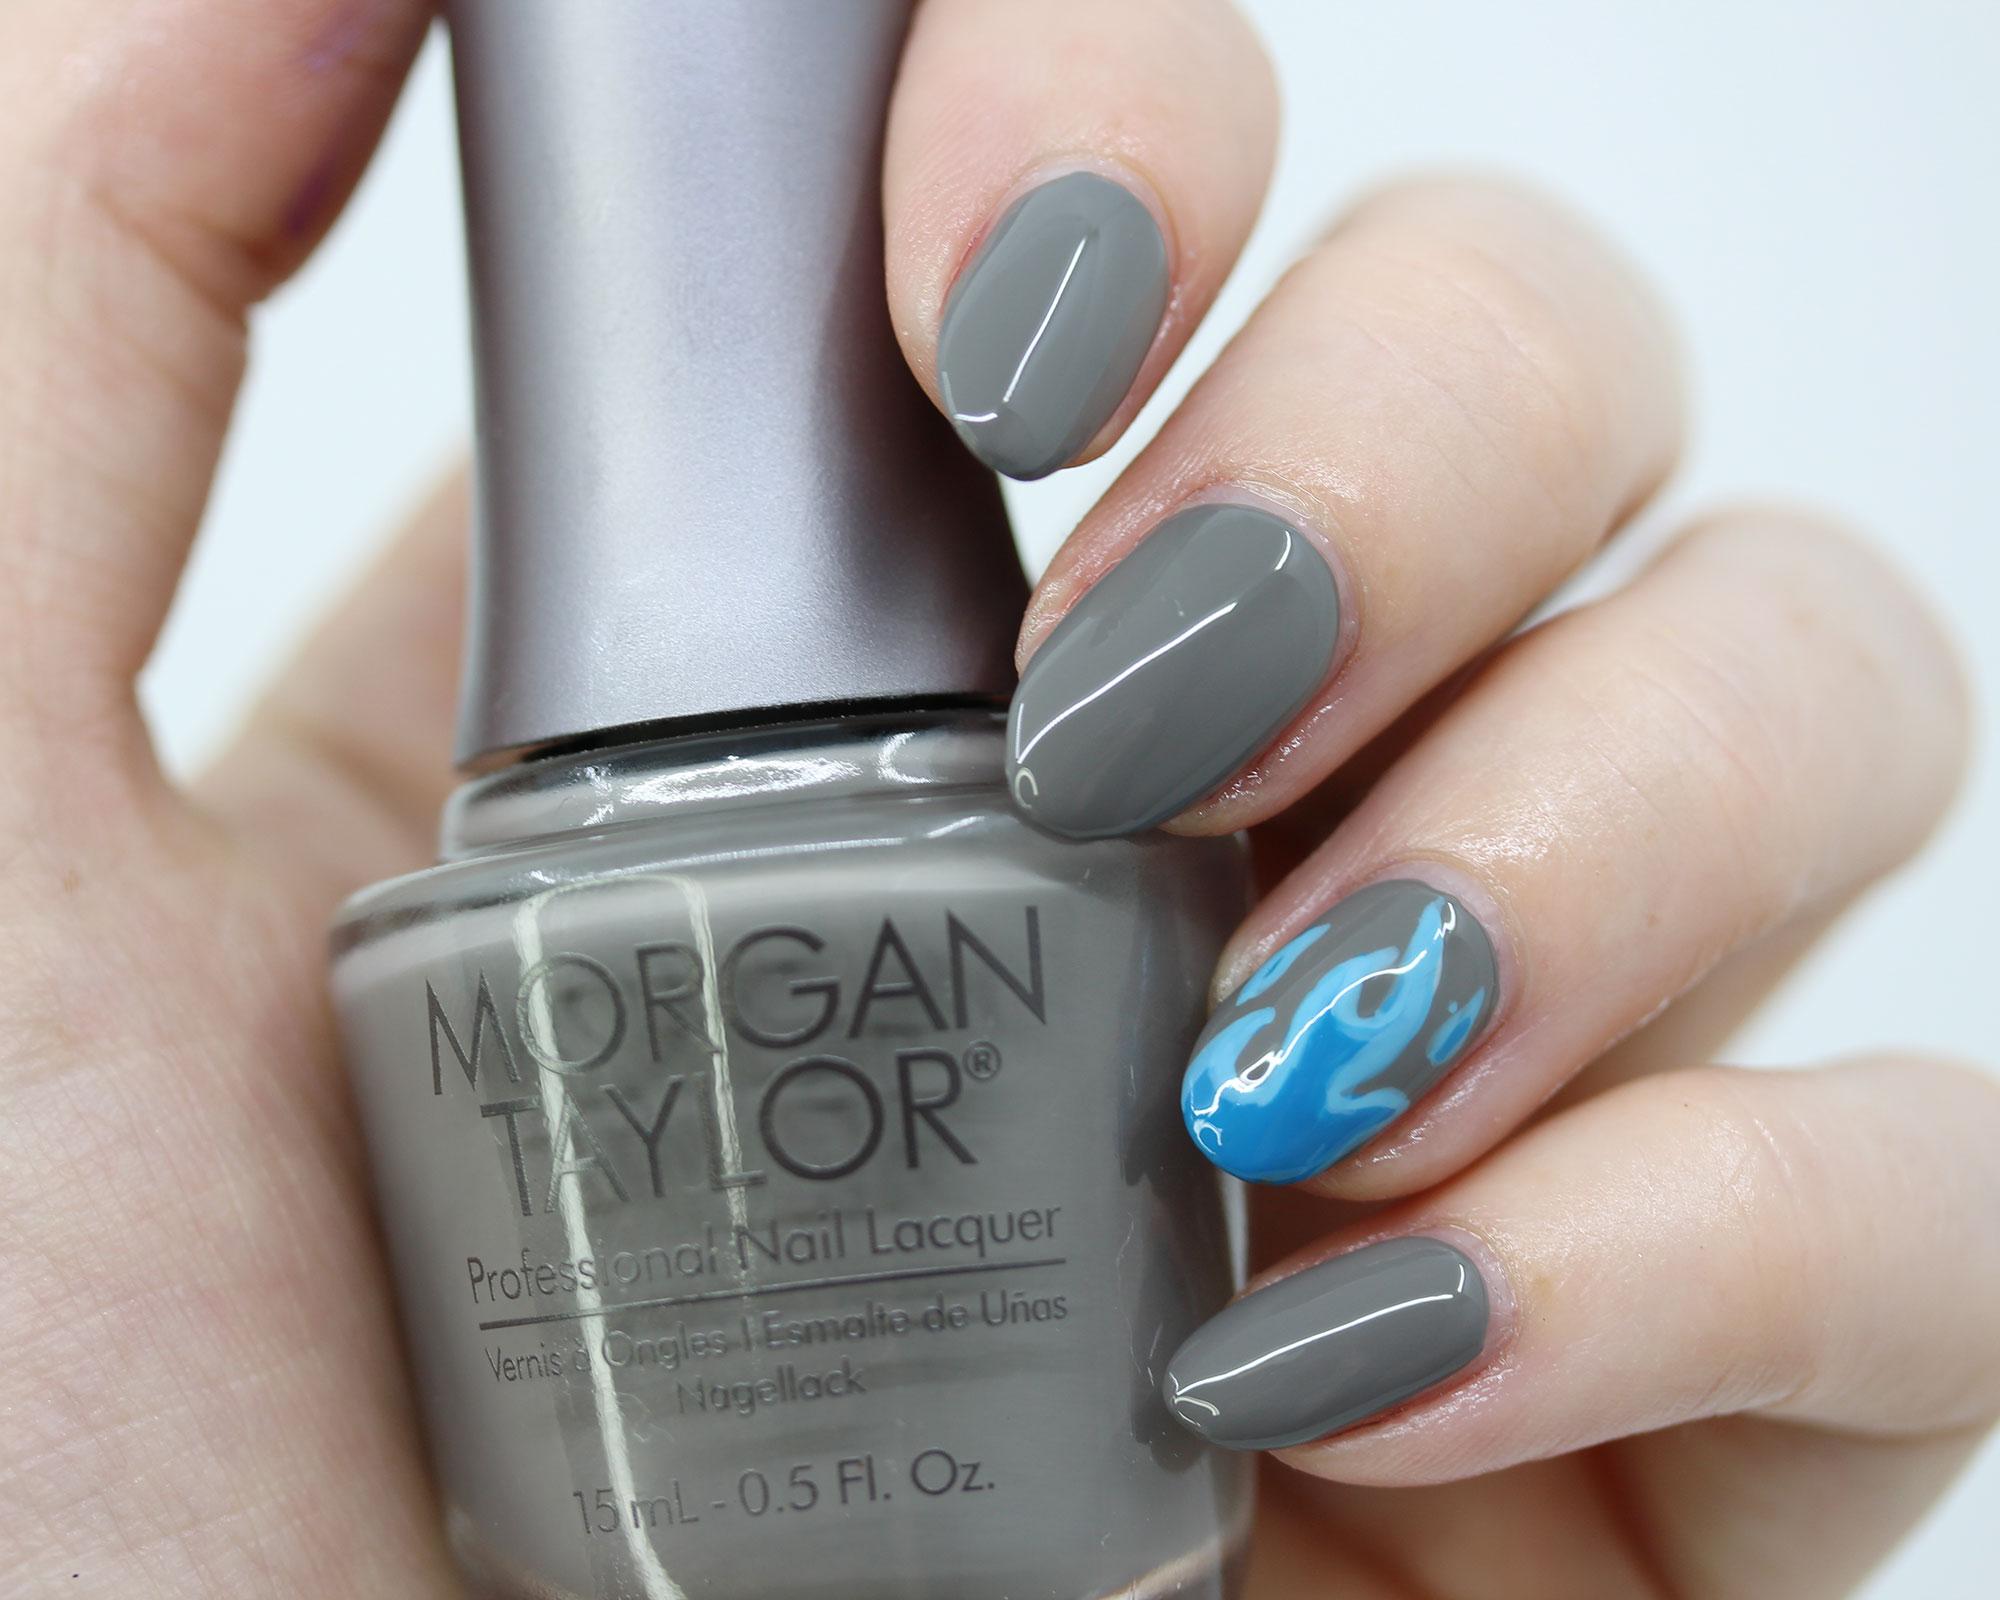 Morgan Taylor Smoke the Competition - Disney Hades-inspired nail polish